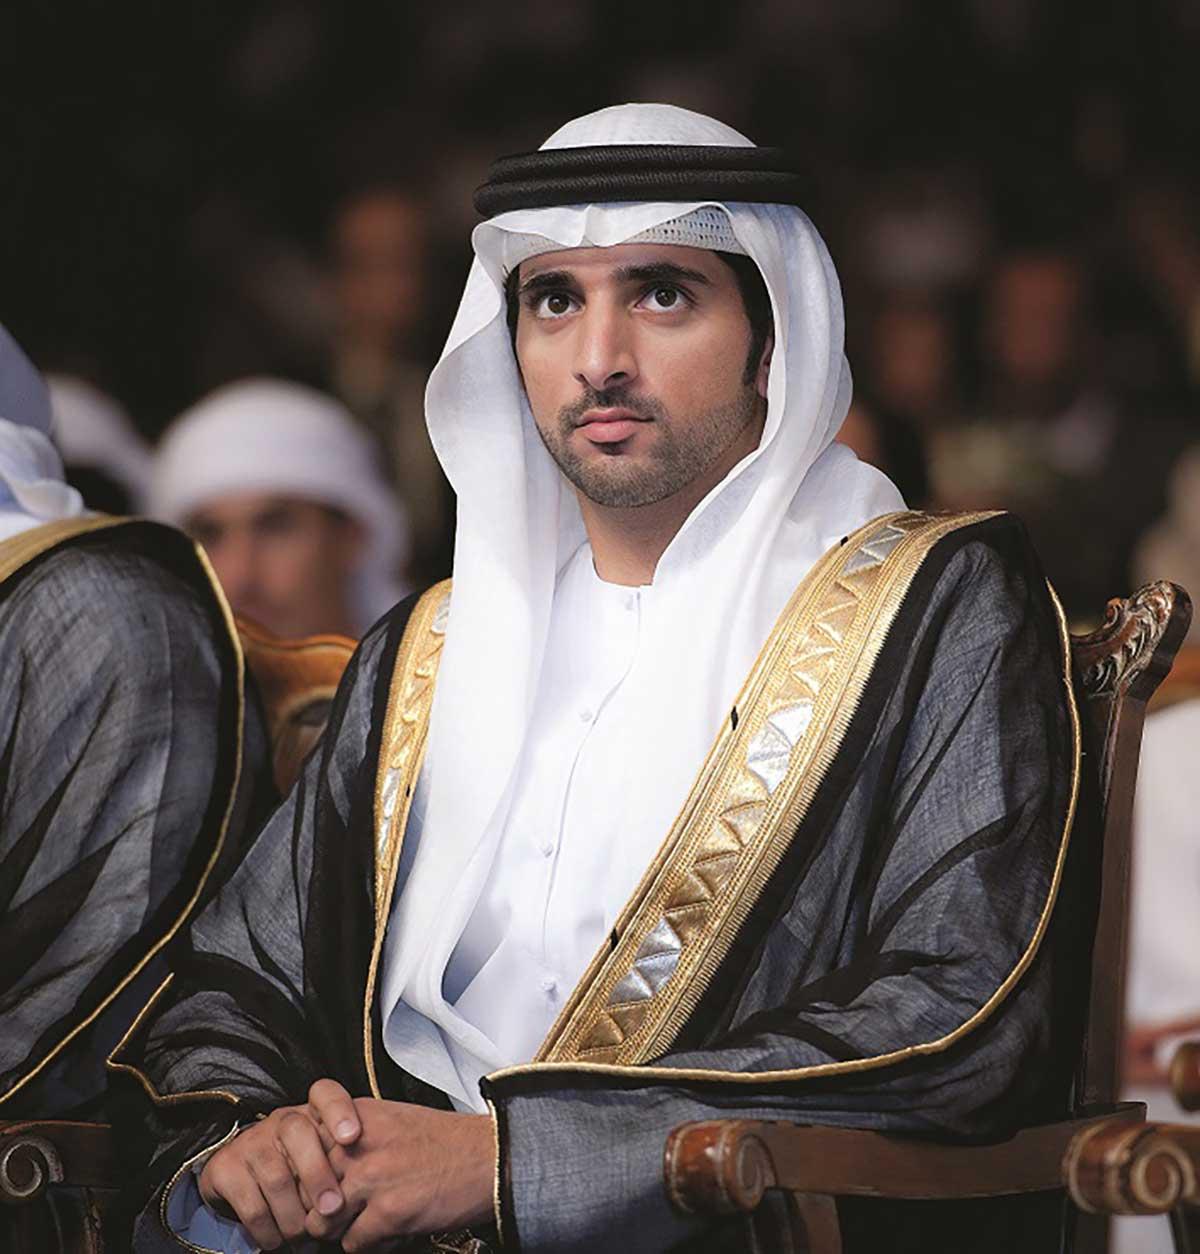 H.H. Sheikh Hamdan bin Mohammed bin Rashid Al Maktoum